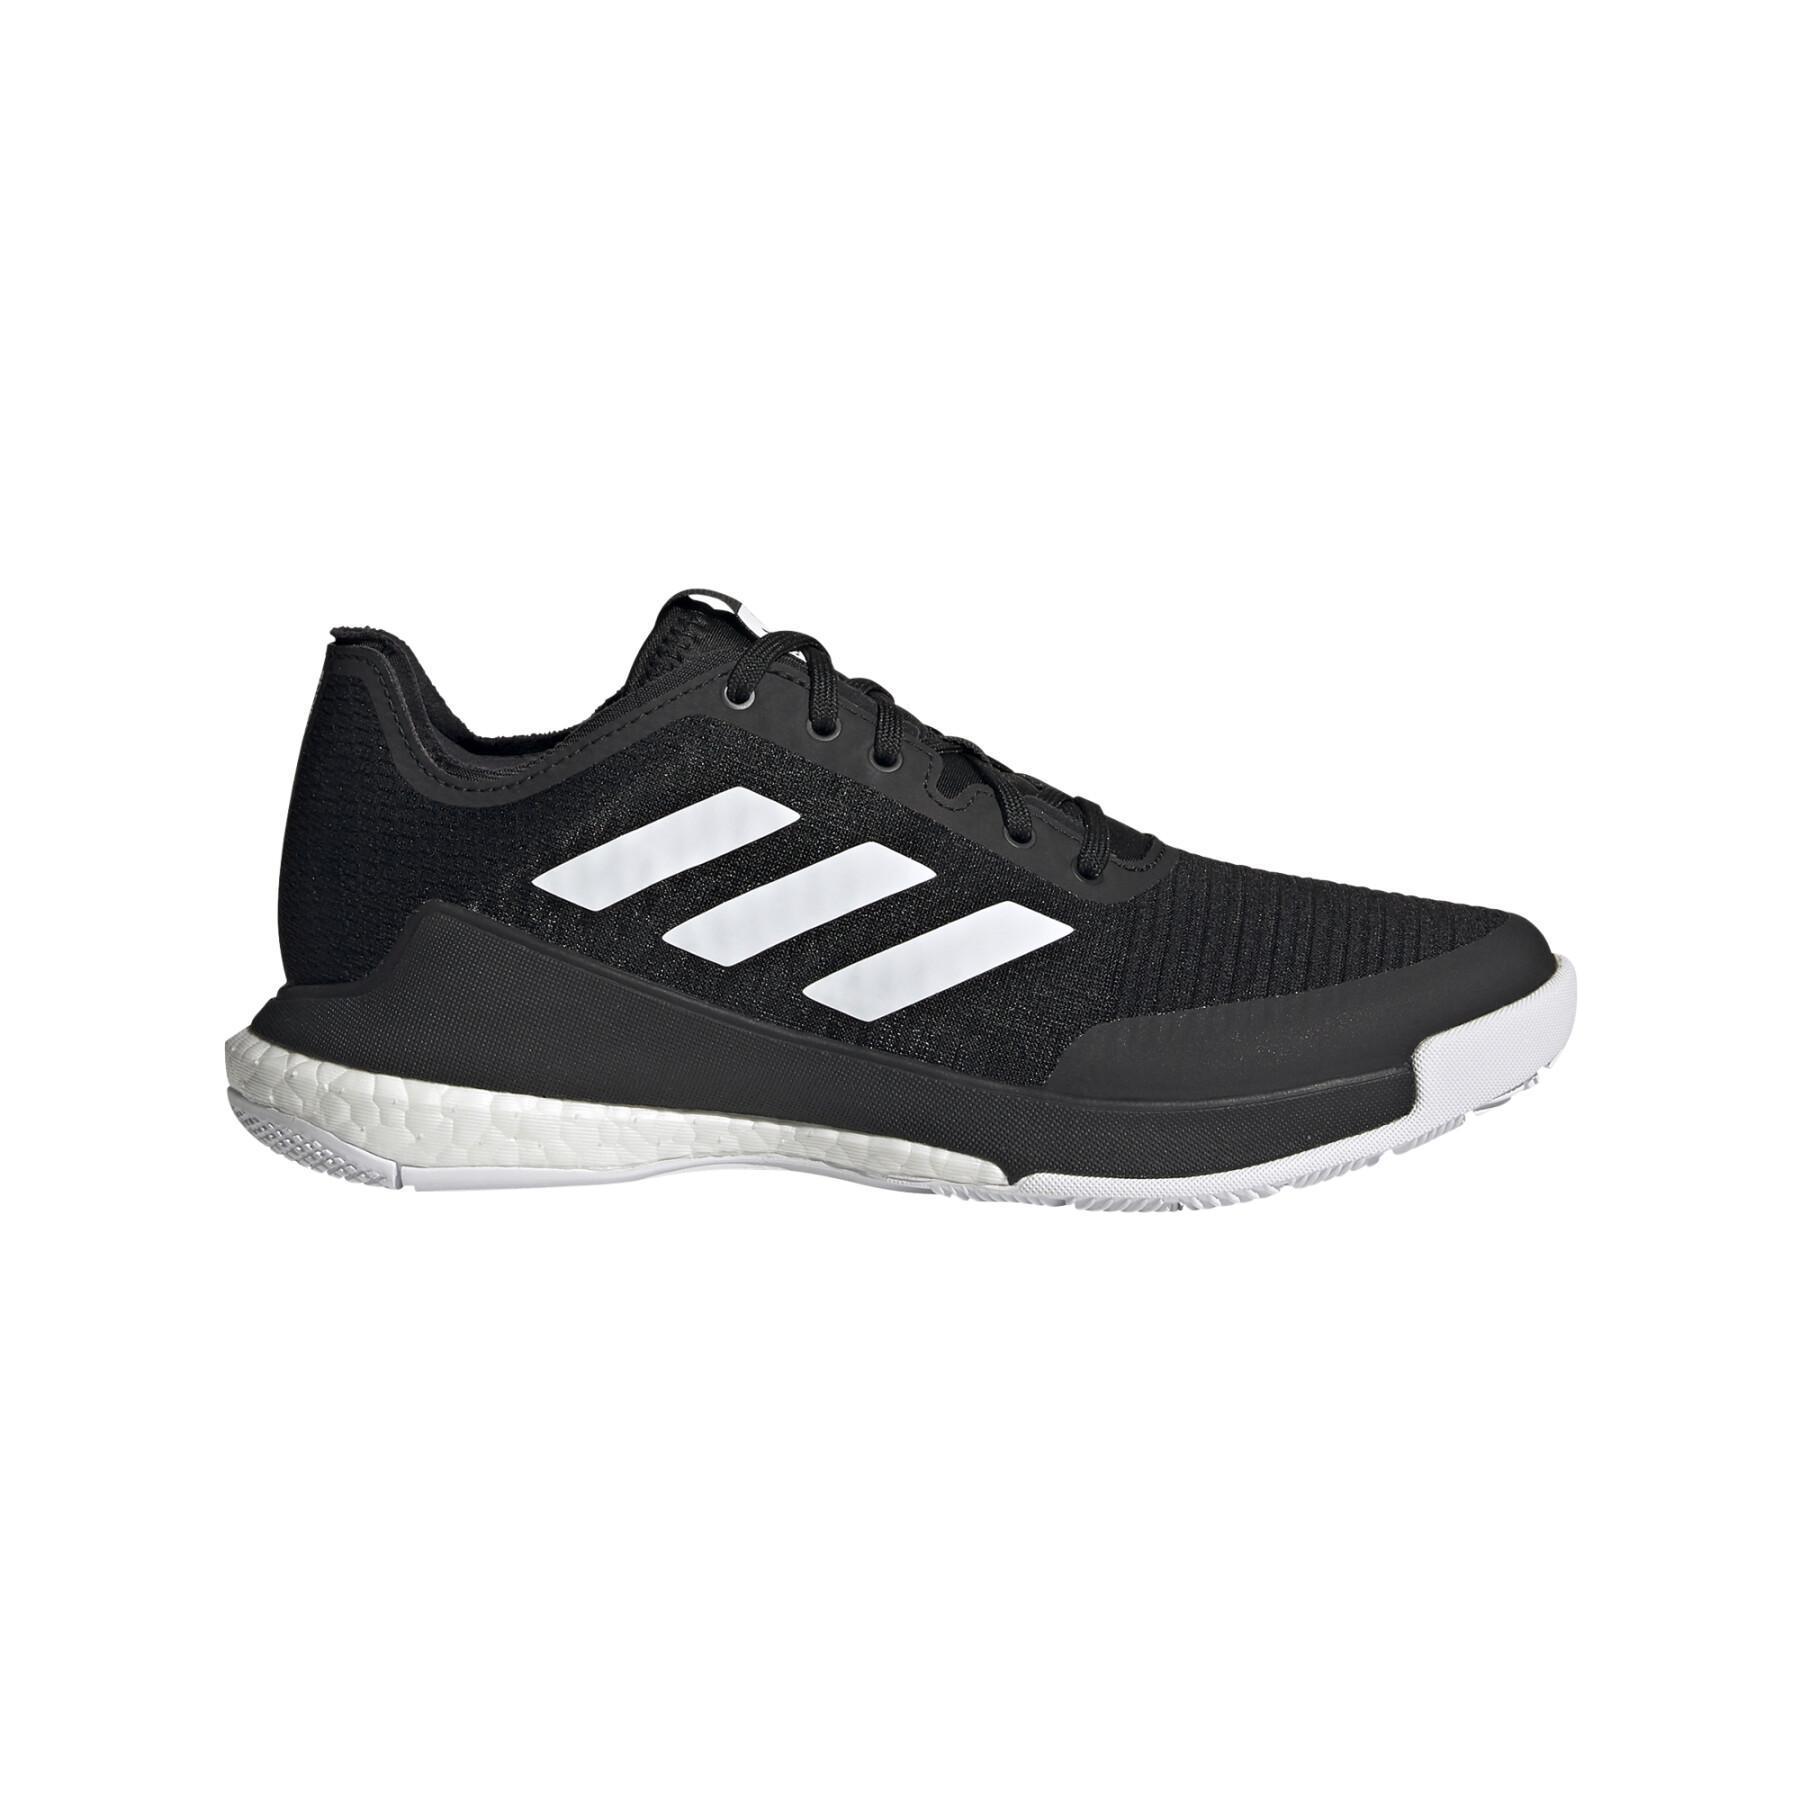 Chaussures de volley-ball femme adidas CrazyFlight